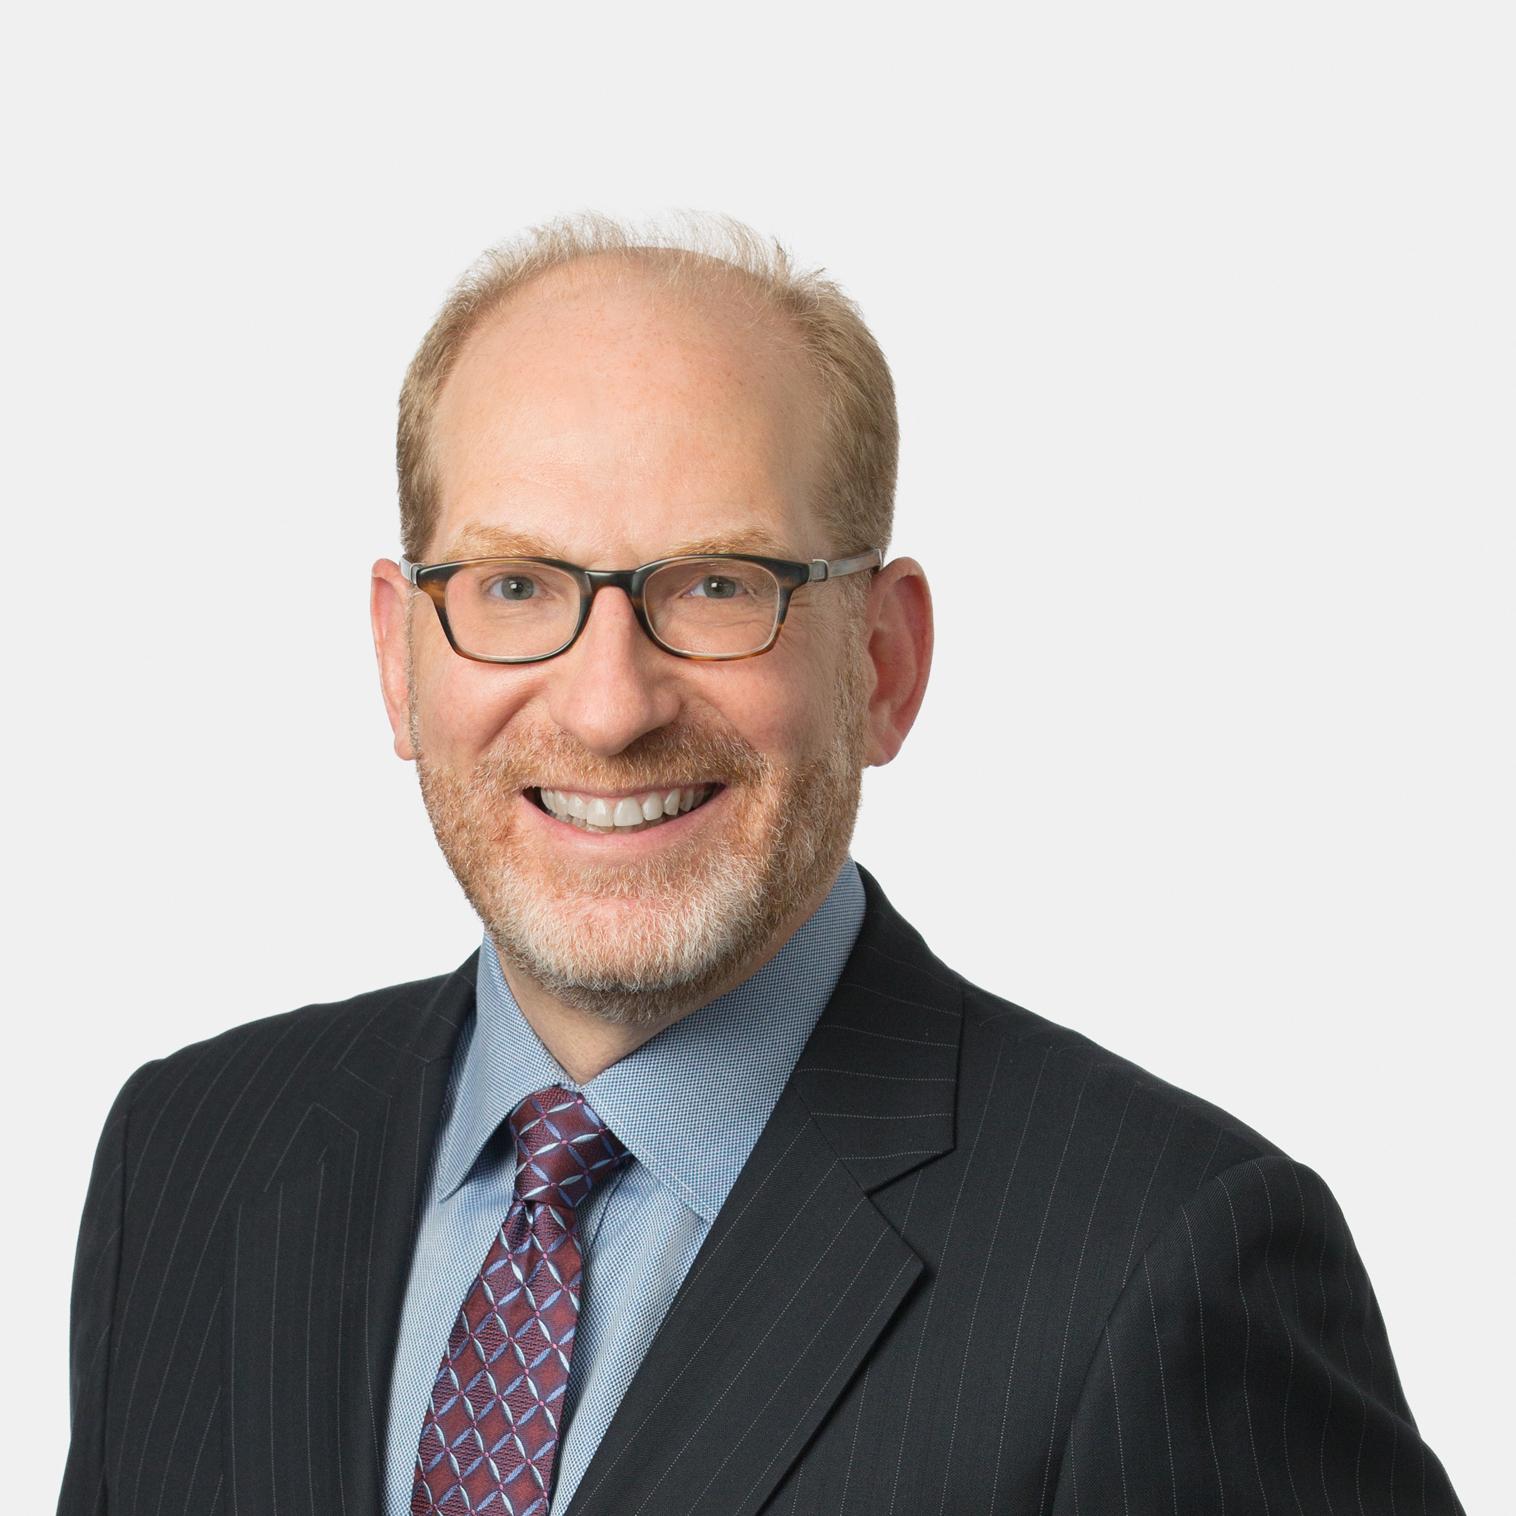 Wayne A. Wald